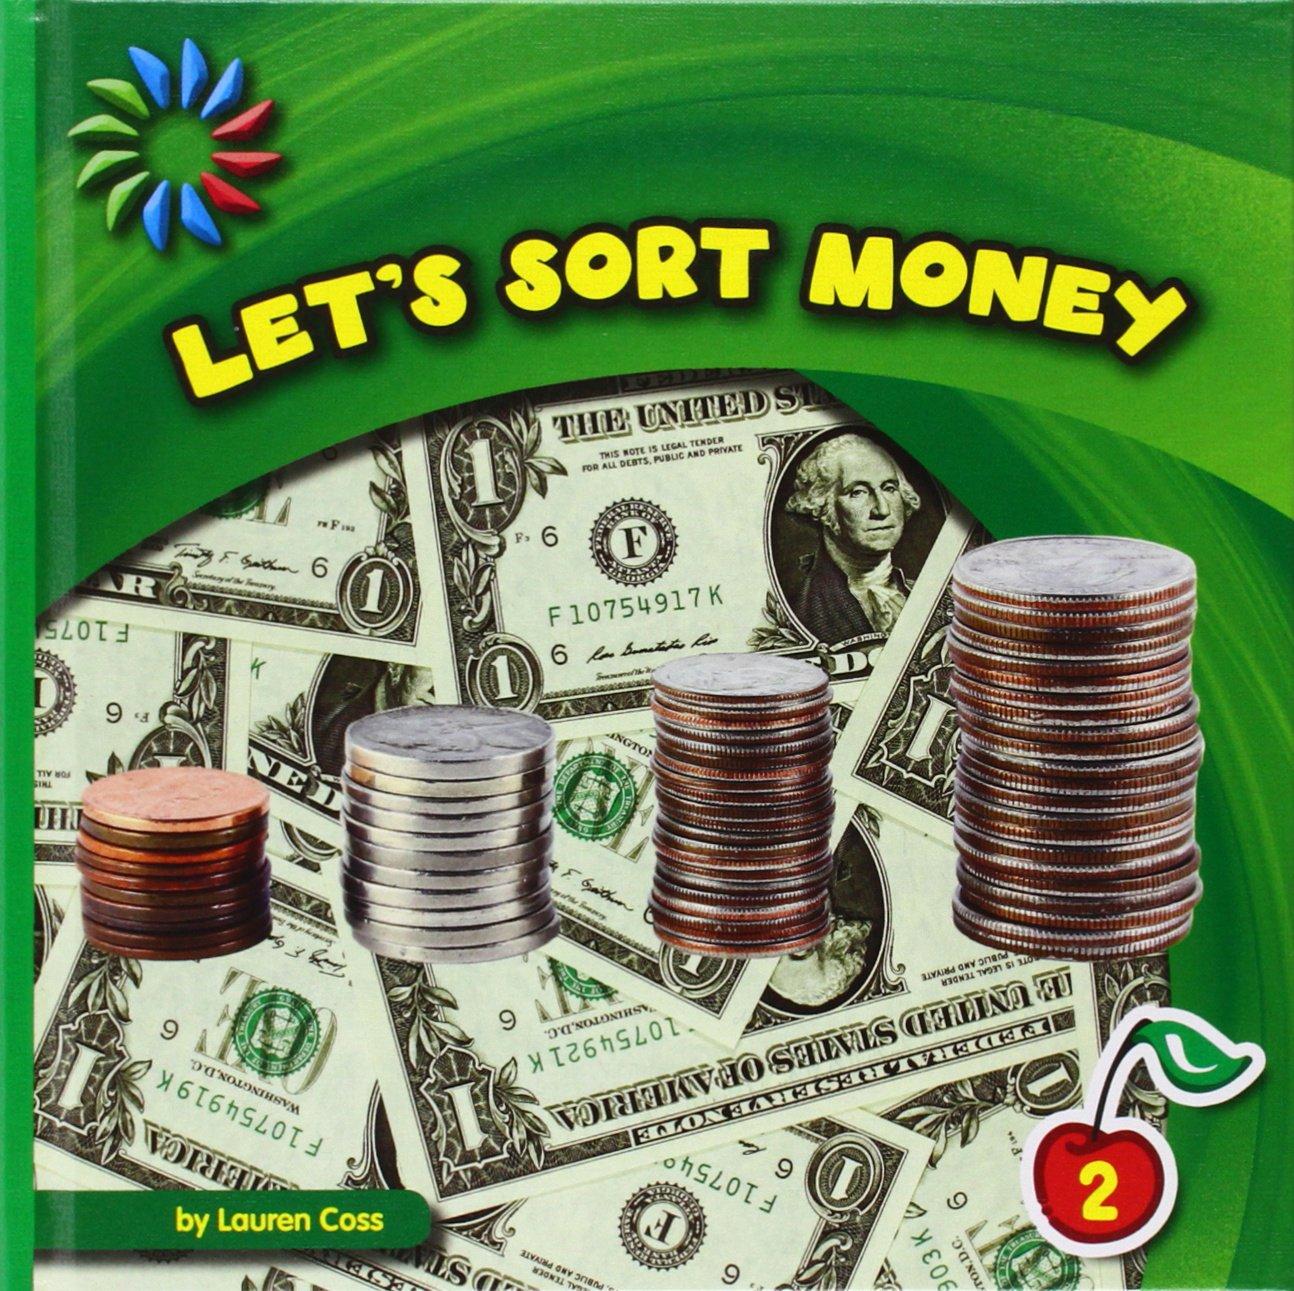 Let's Sort Money (21st Century Basic Skills Library, Level 2: Sorting)